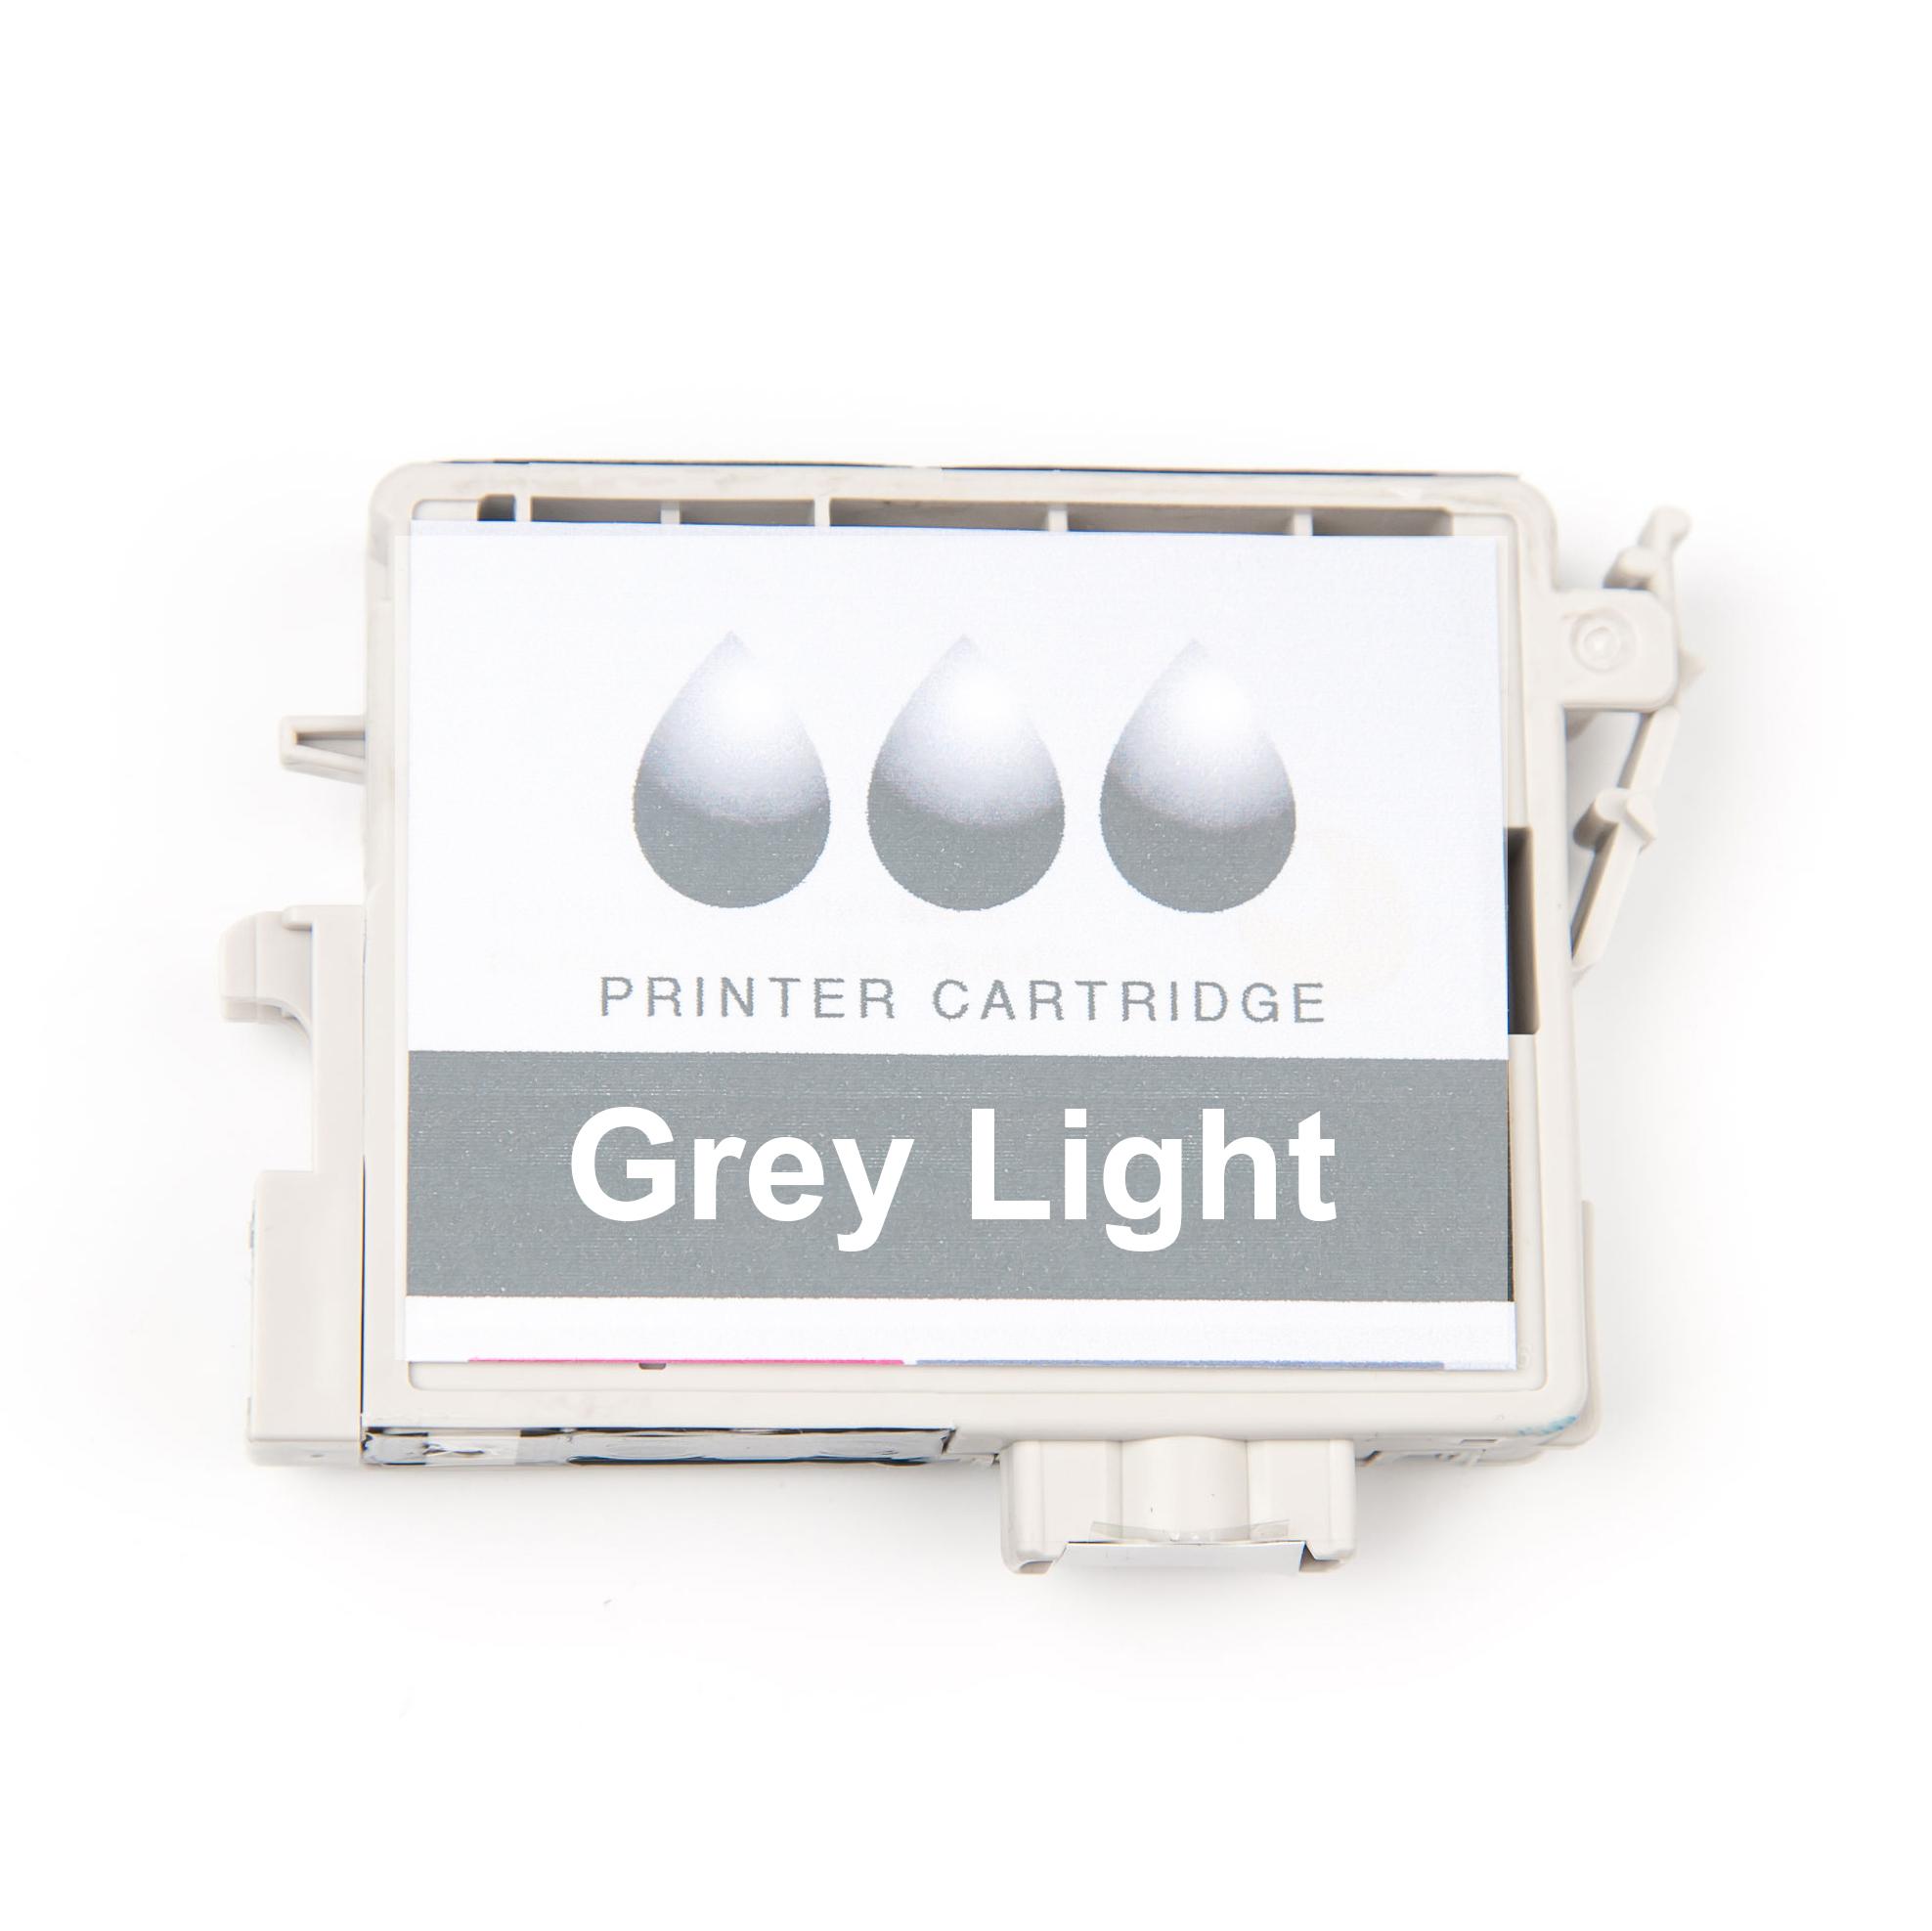 Kompatibel zu HP C9451A / 70 Tintenpatrone grau hell